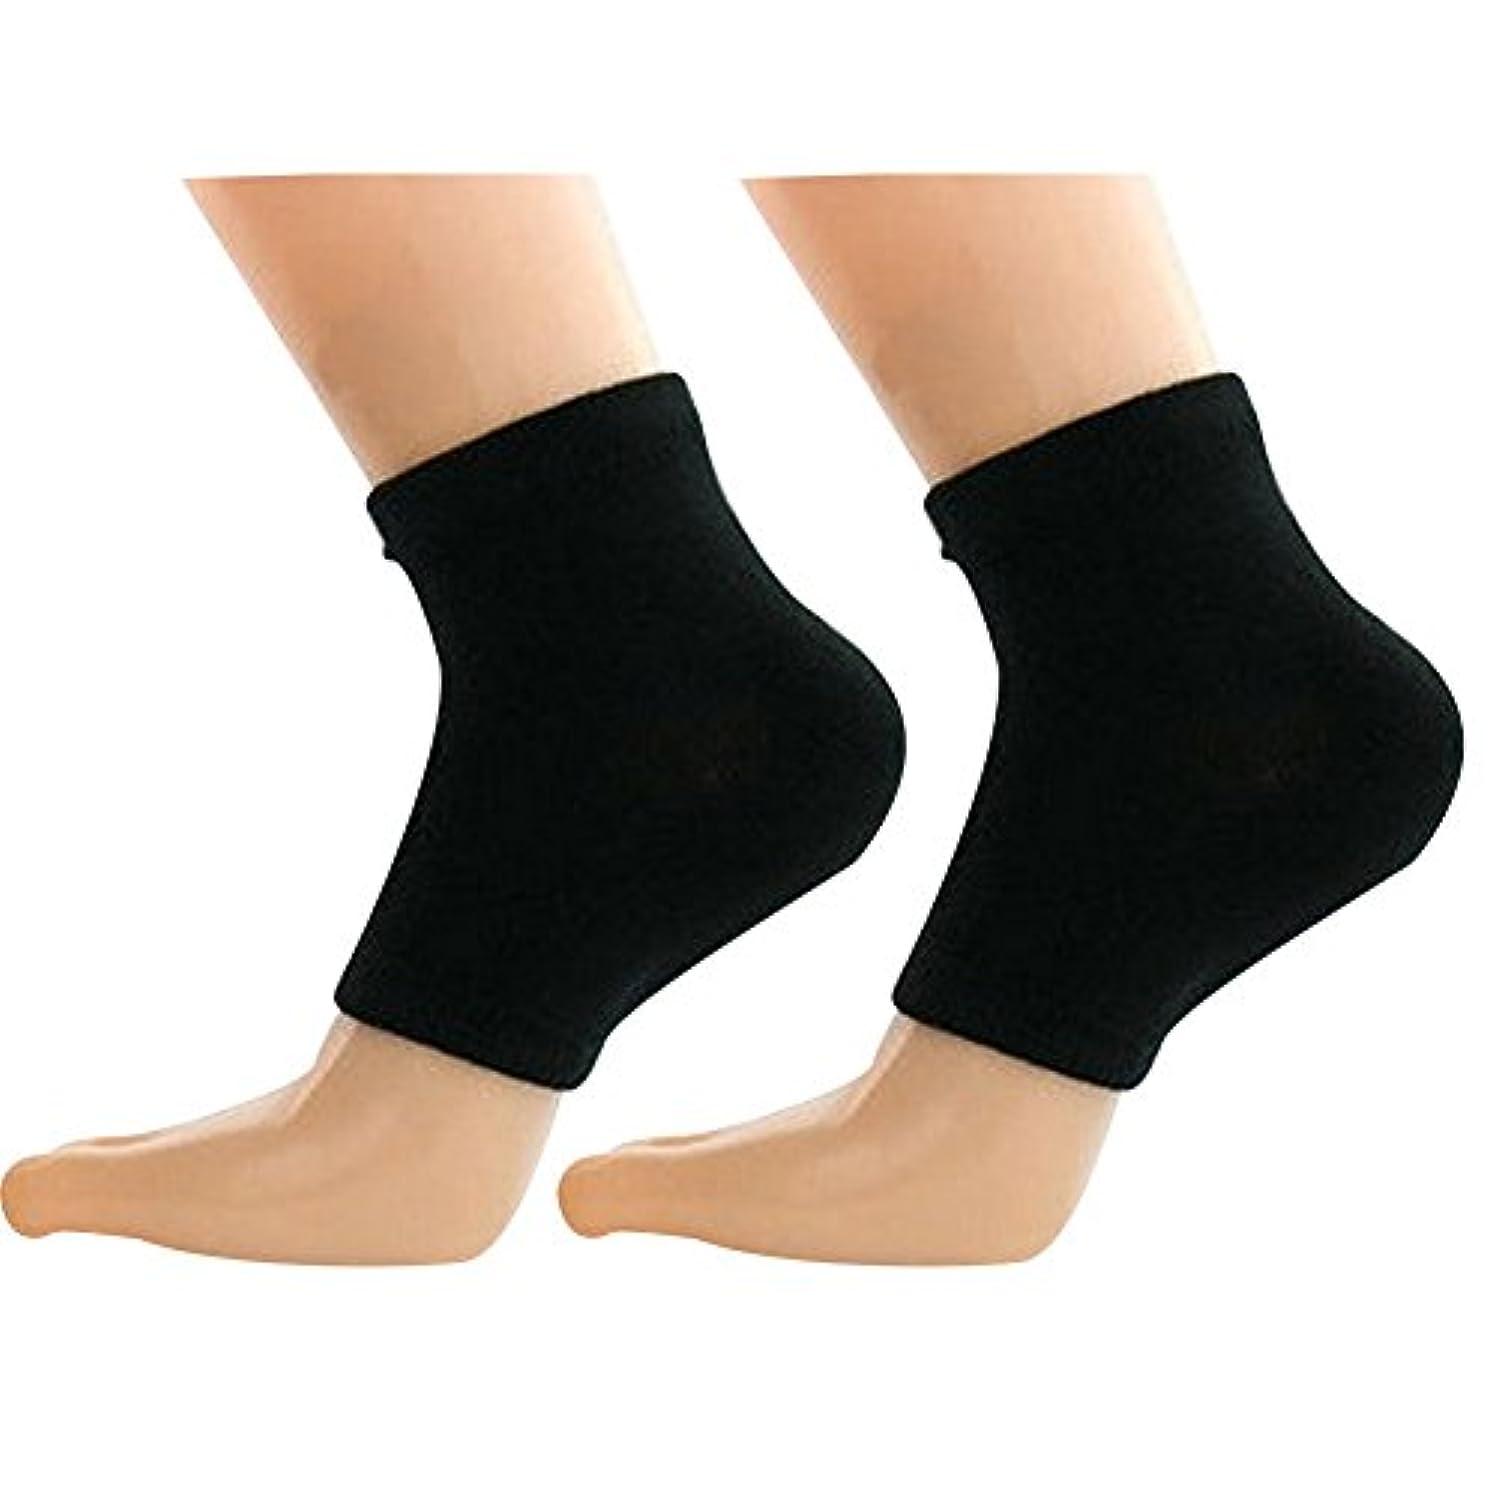 QIAONAI レディース用 メンズ用 踵用カバー かかと 靴下 かかと ケア つるつる すべすべ 靴下 ソックス 角質ケア 保湿 角質除去 足ケア かかと 靴下 足首用サポーター  フリーサイズ (ブラック)